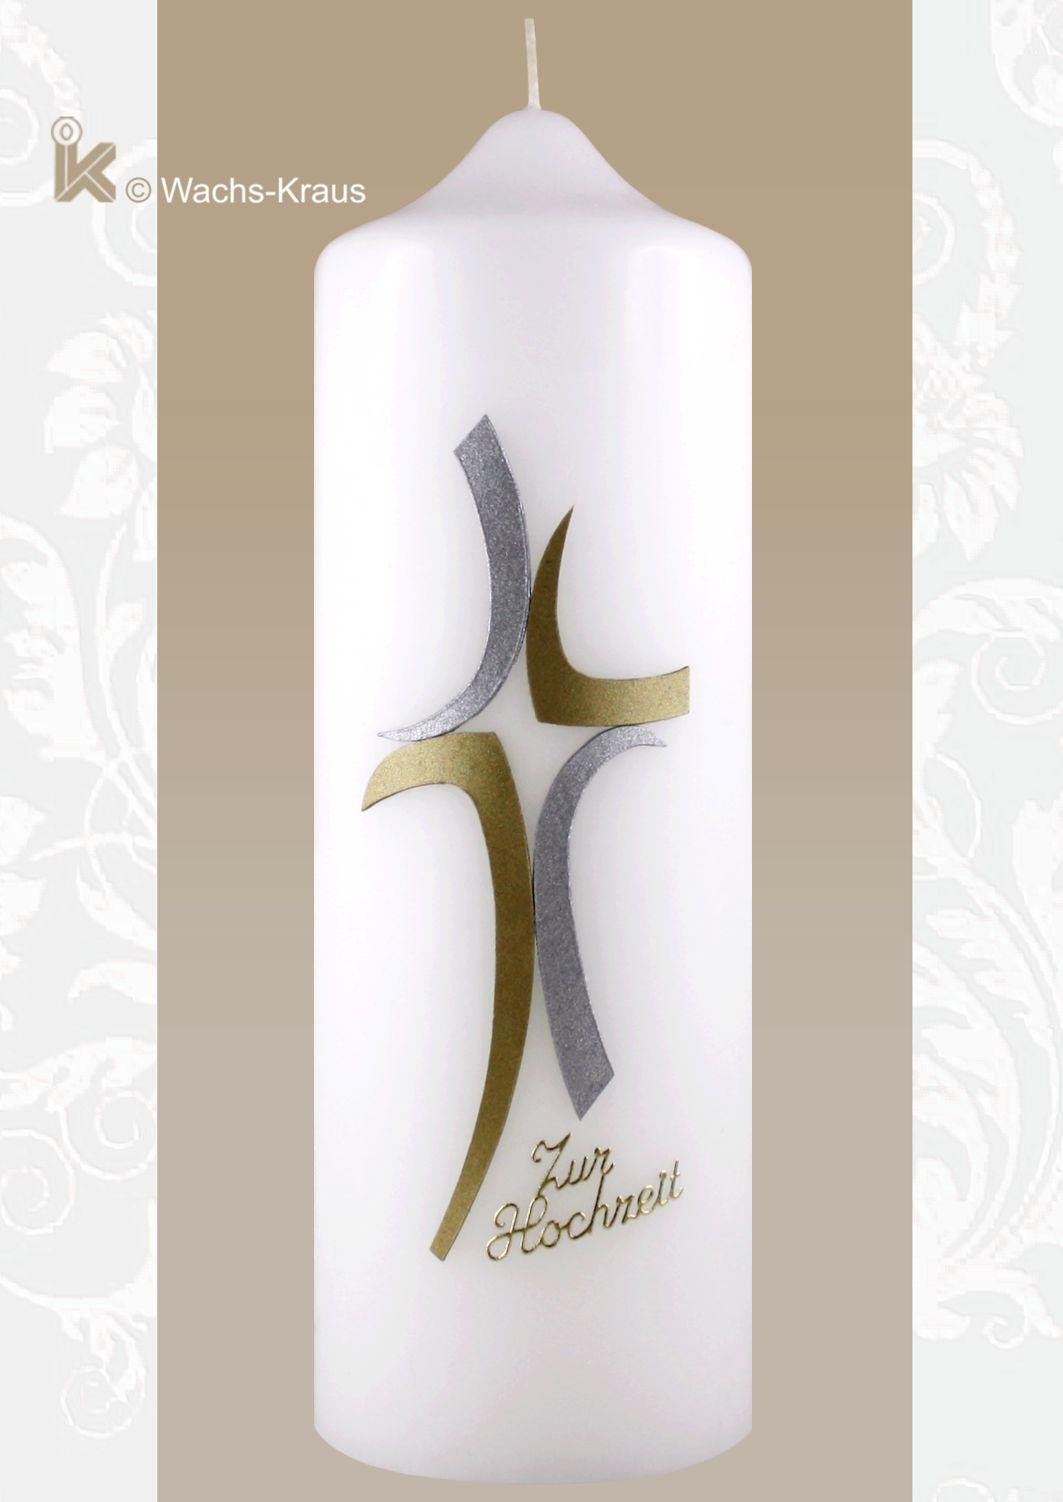 Hochzeitskerze günstig, modernes Kreuz in bicolor